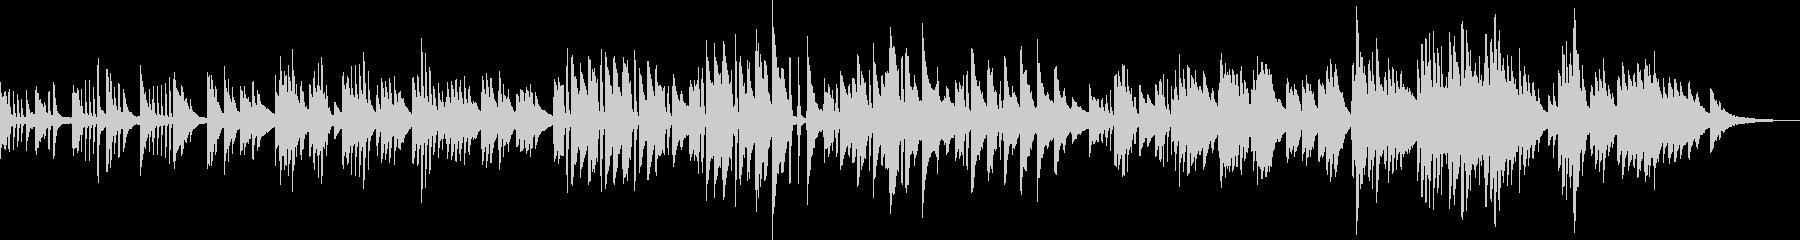 ほっこりかわいいピアノBGMの未再生の波形